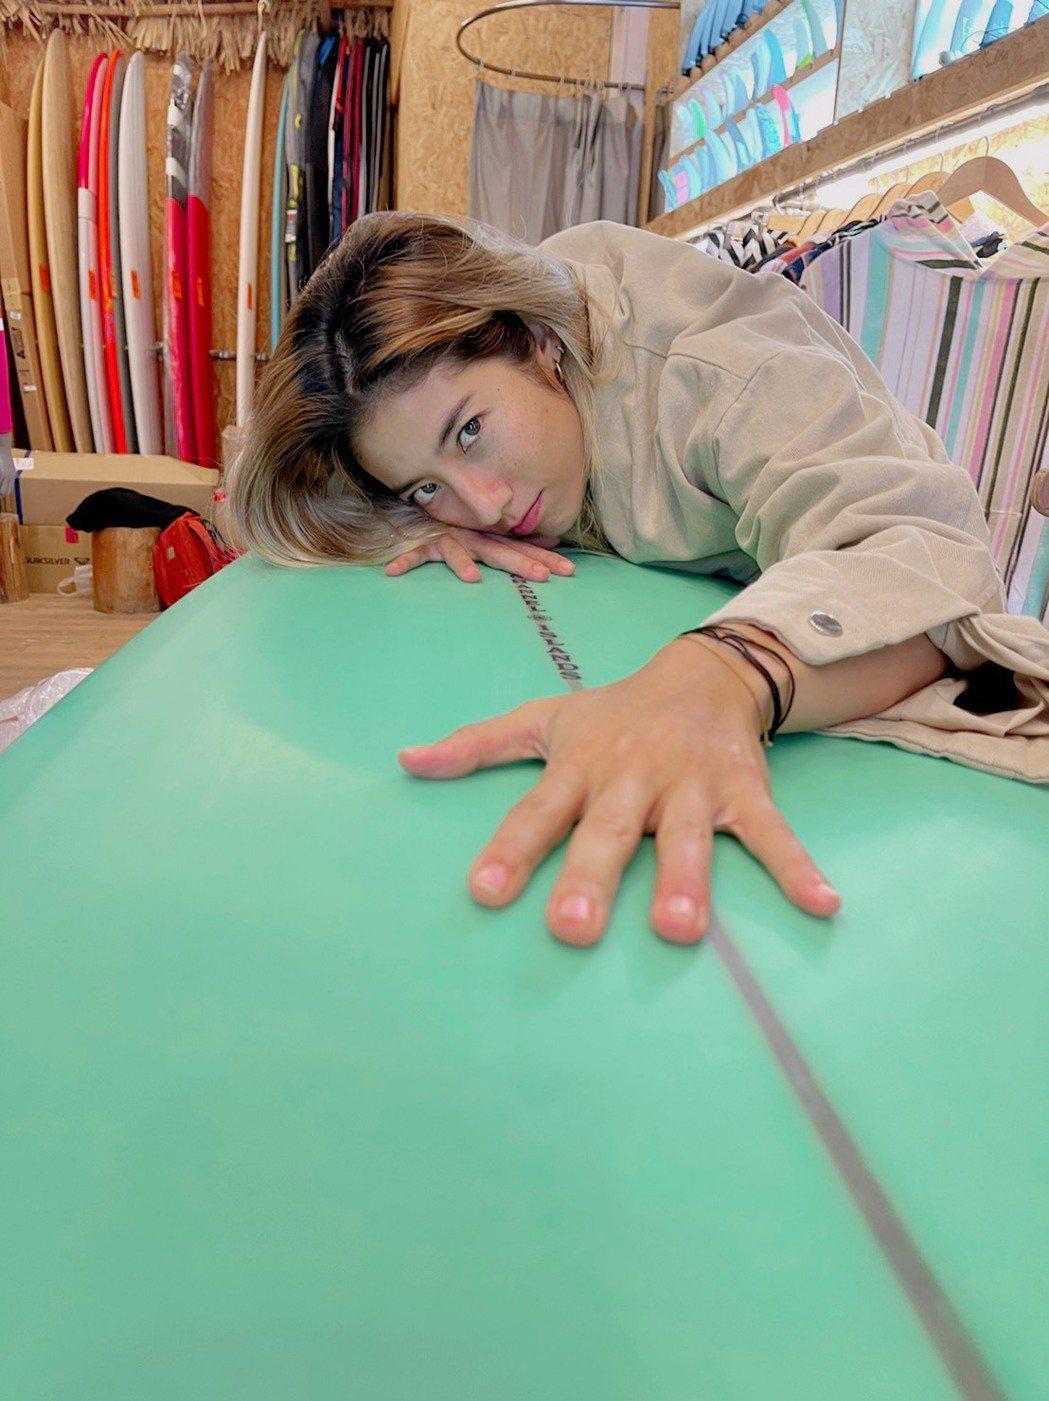 瑞瑪席丹1日過完31歲生日。圖/彥恩國際提供